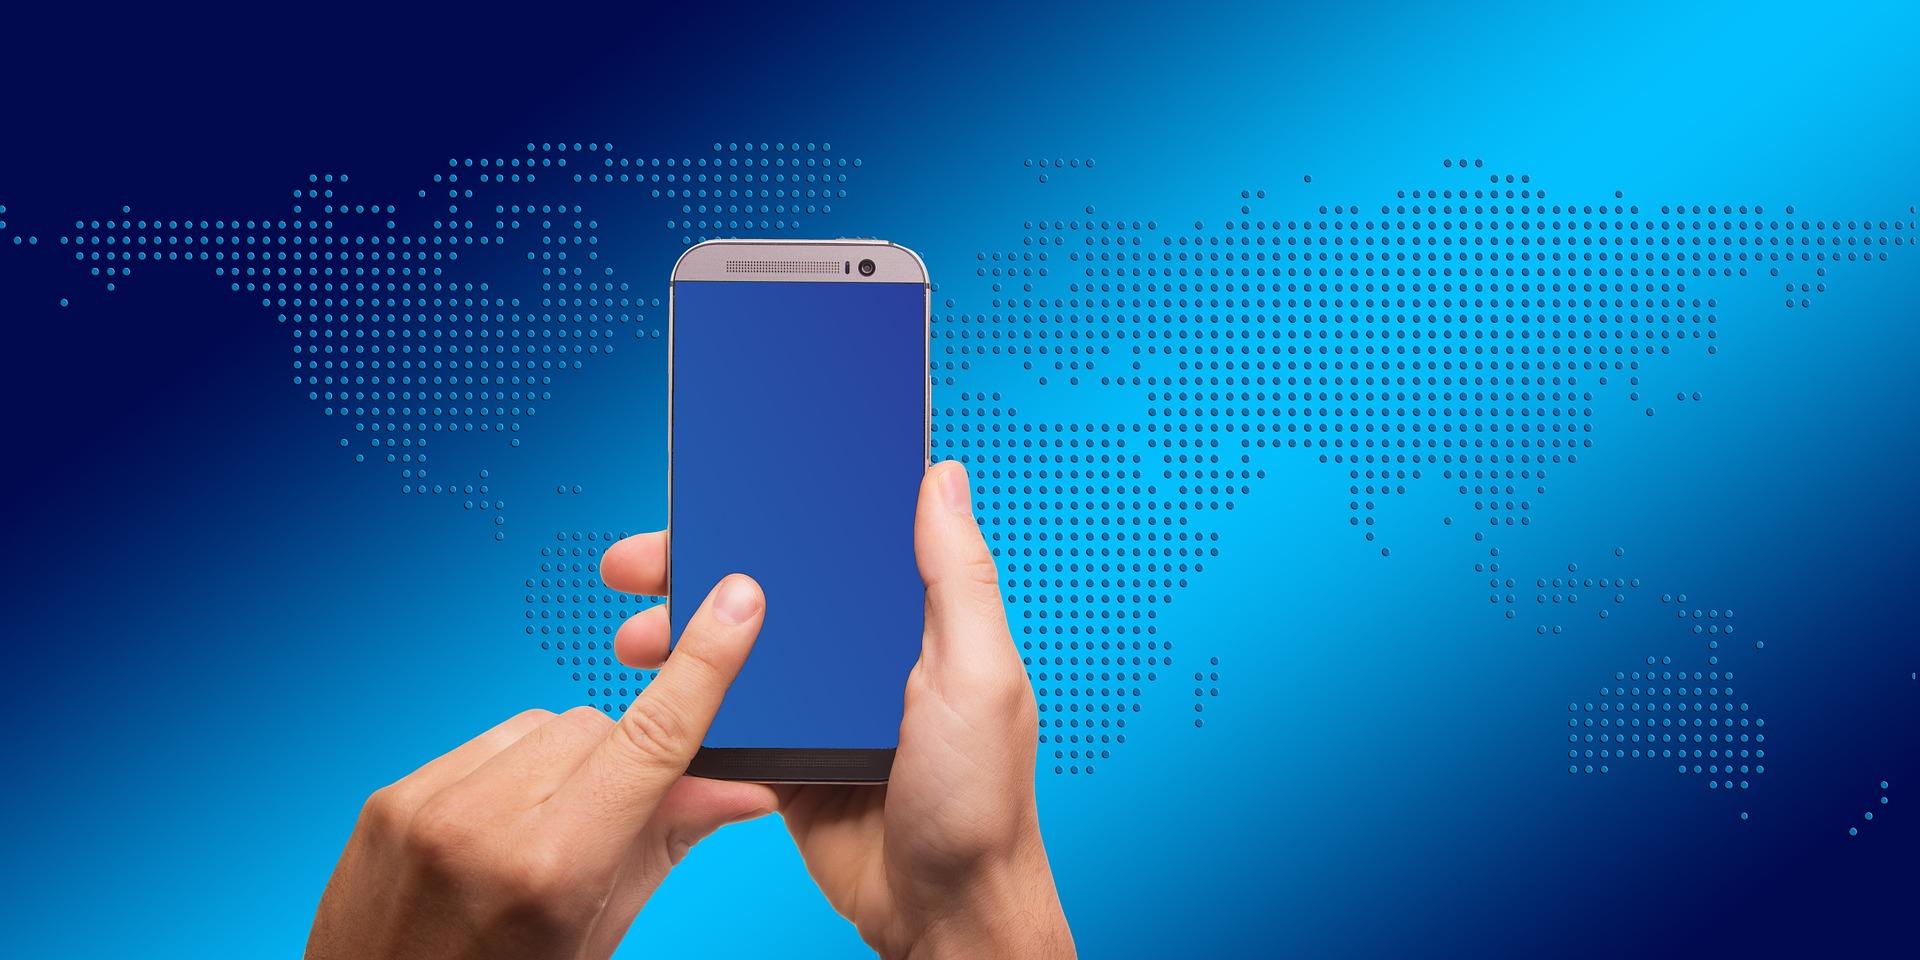 Smartphone 695164 1920